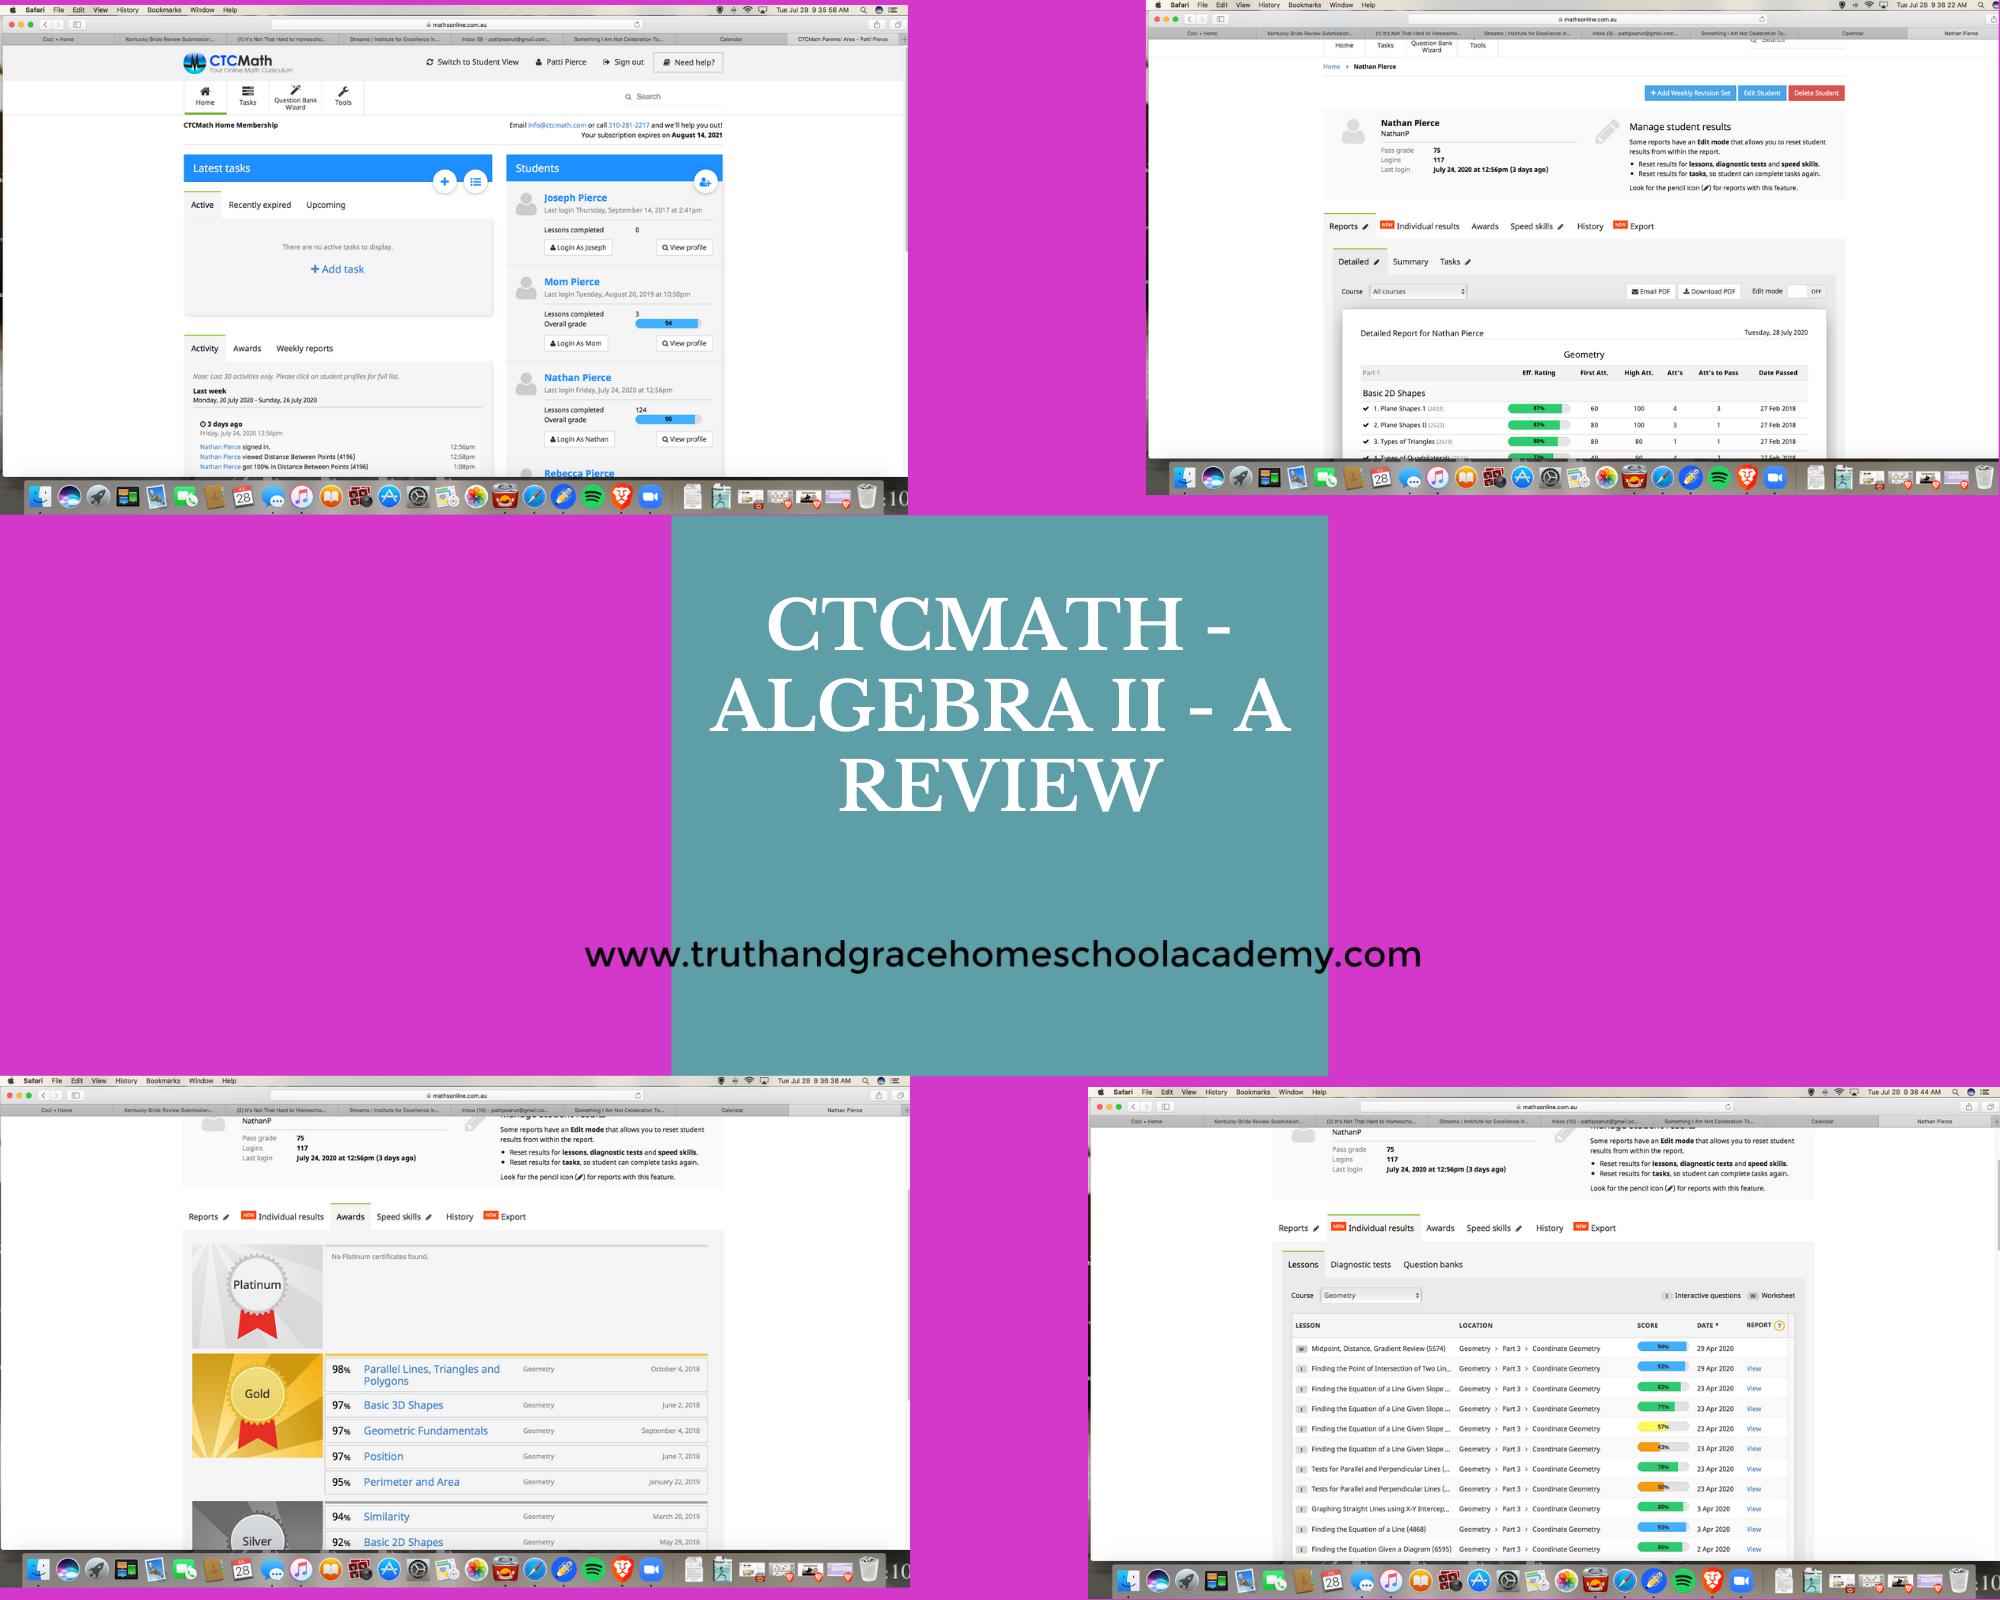 CTC Math - Algebra II